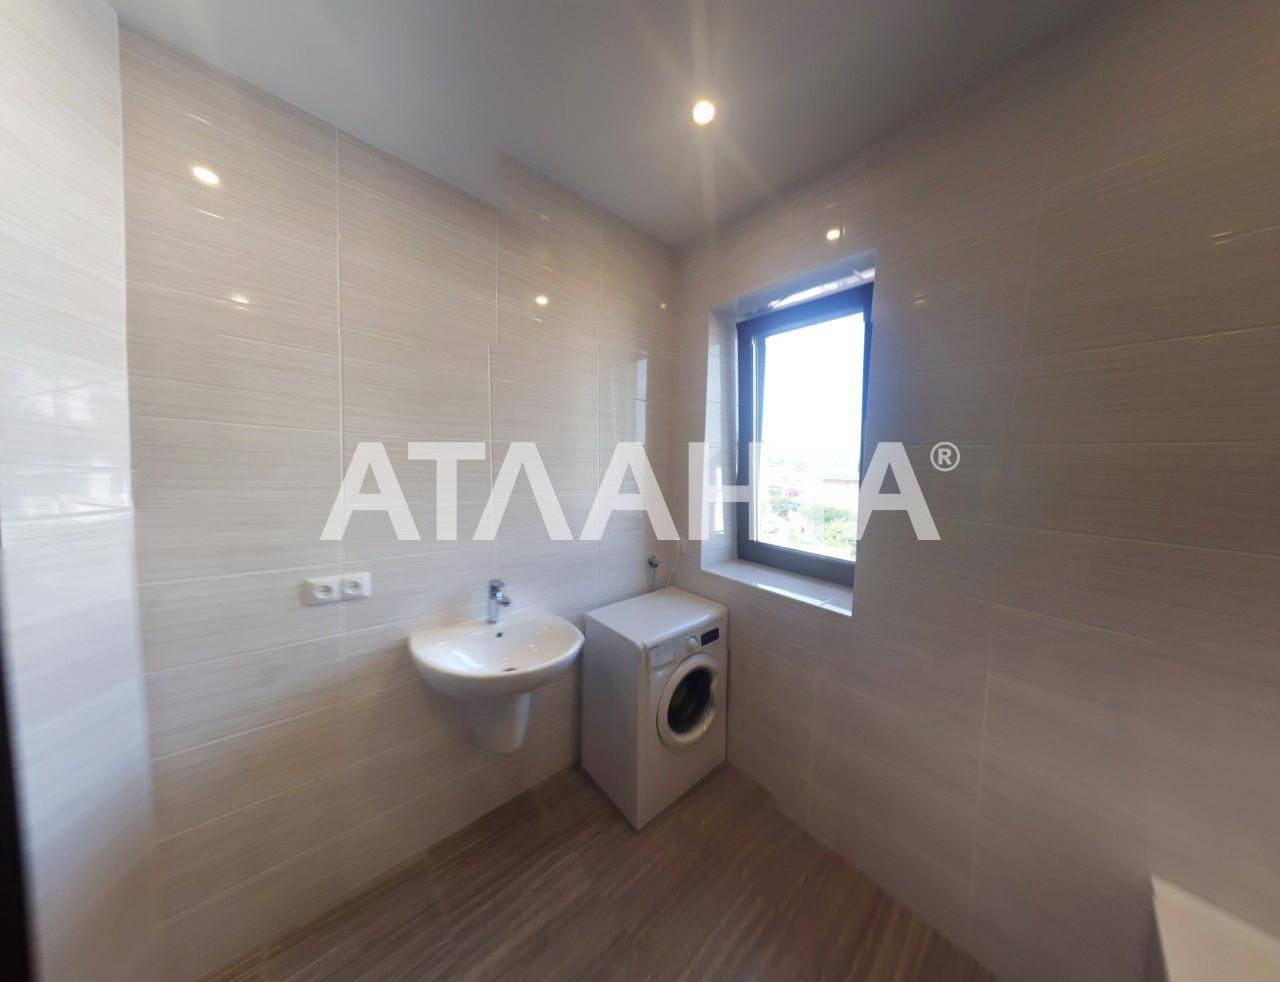 Продается 1-комнатная Квартира на ул. Ул. Вильямса — 60 000 у.е. (фото №8)